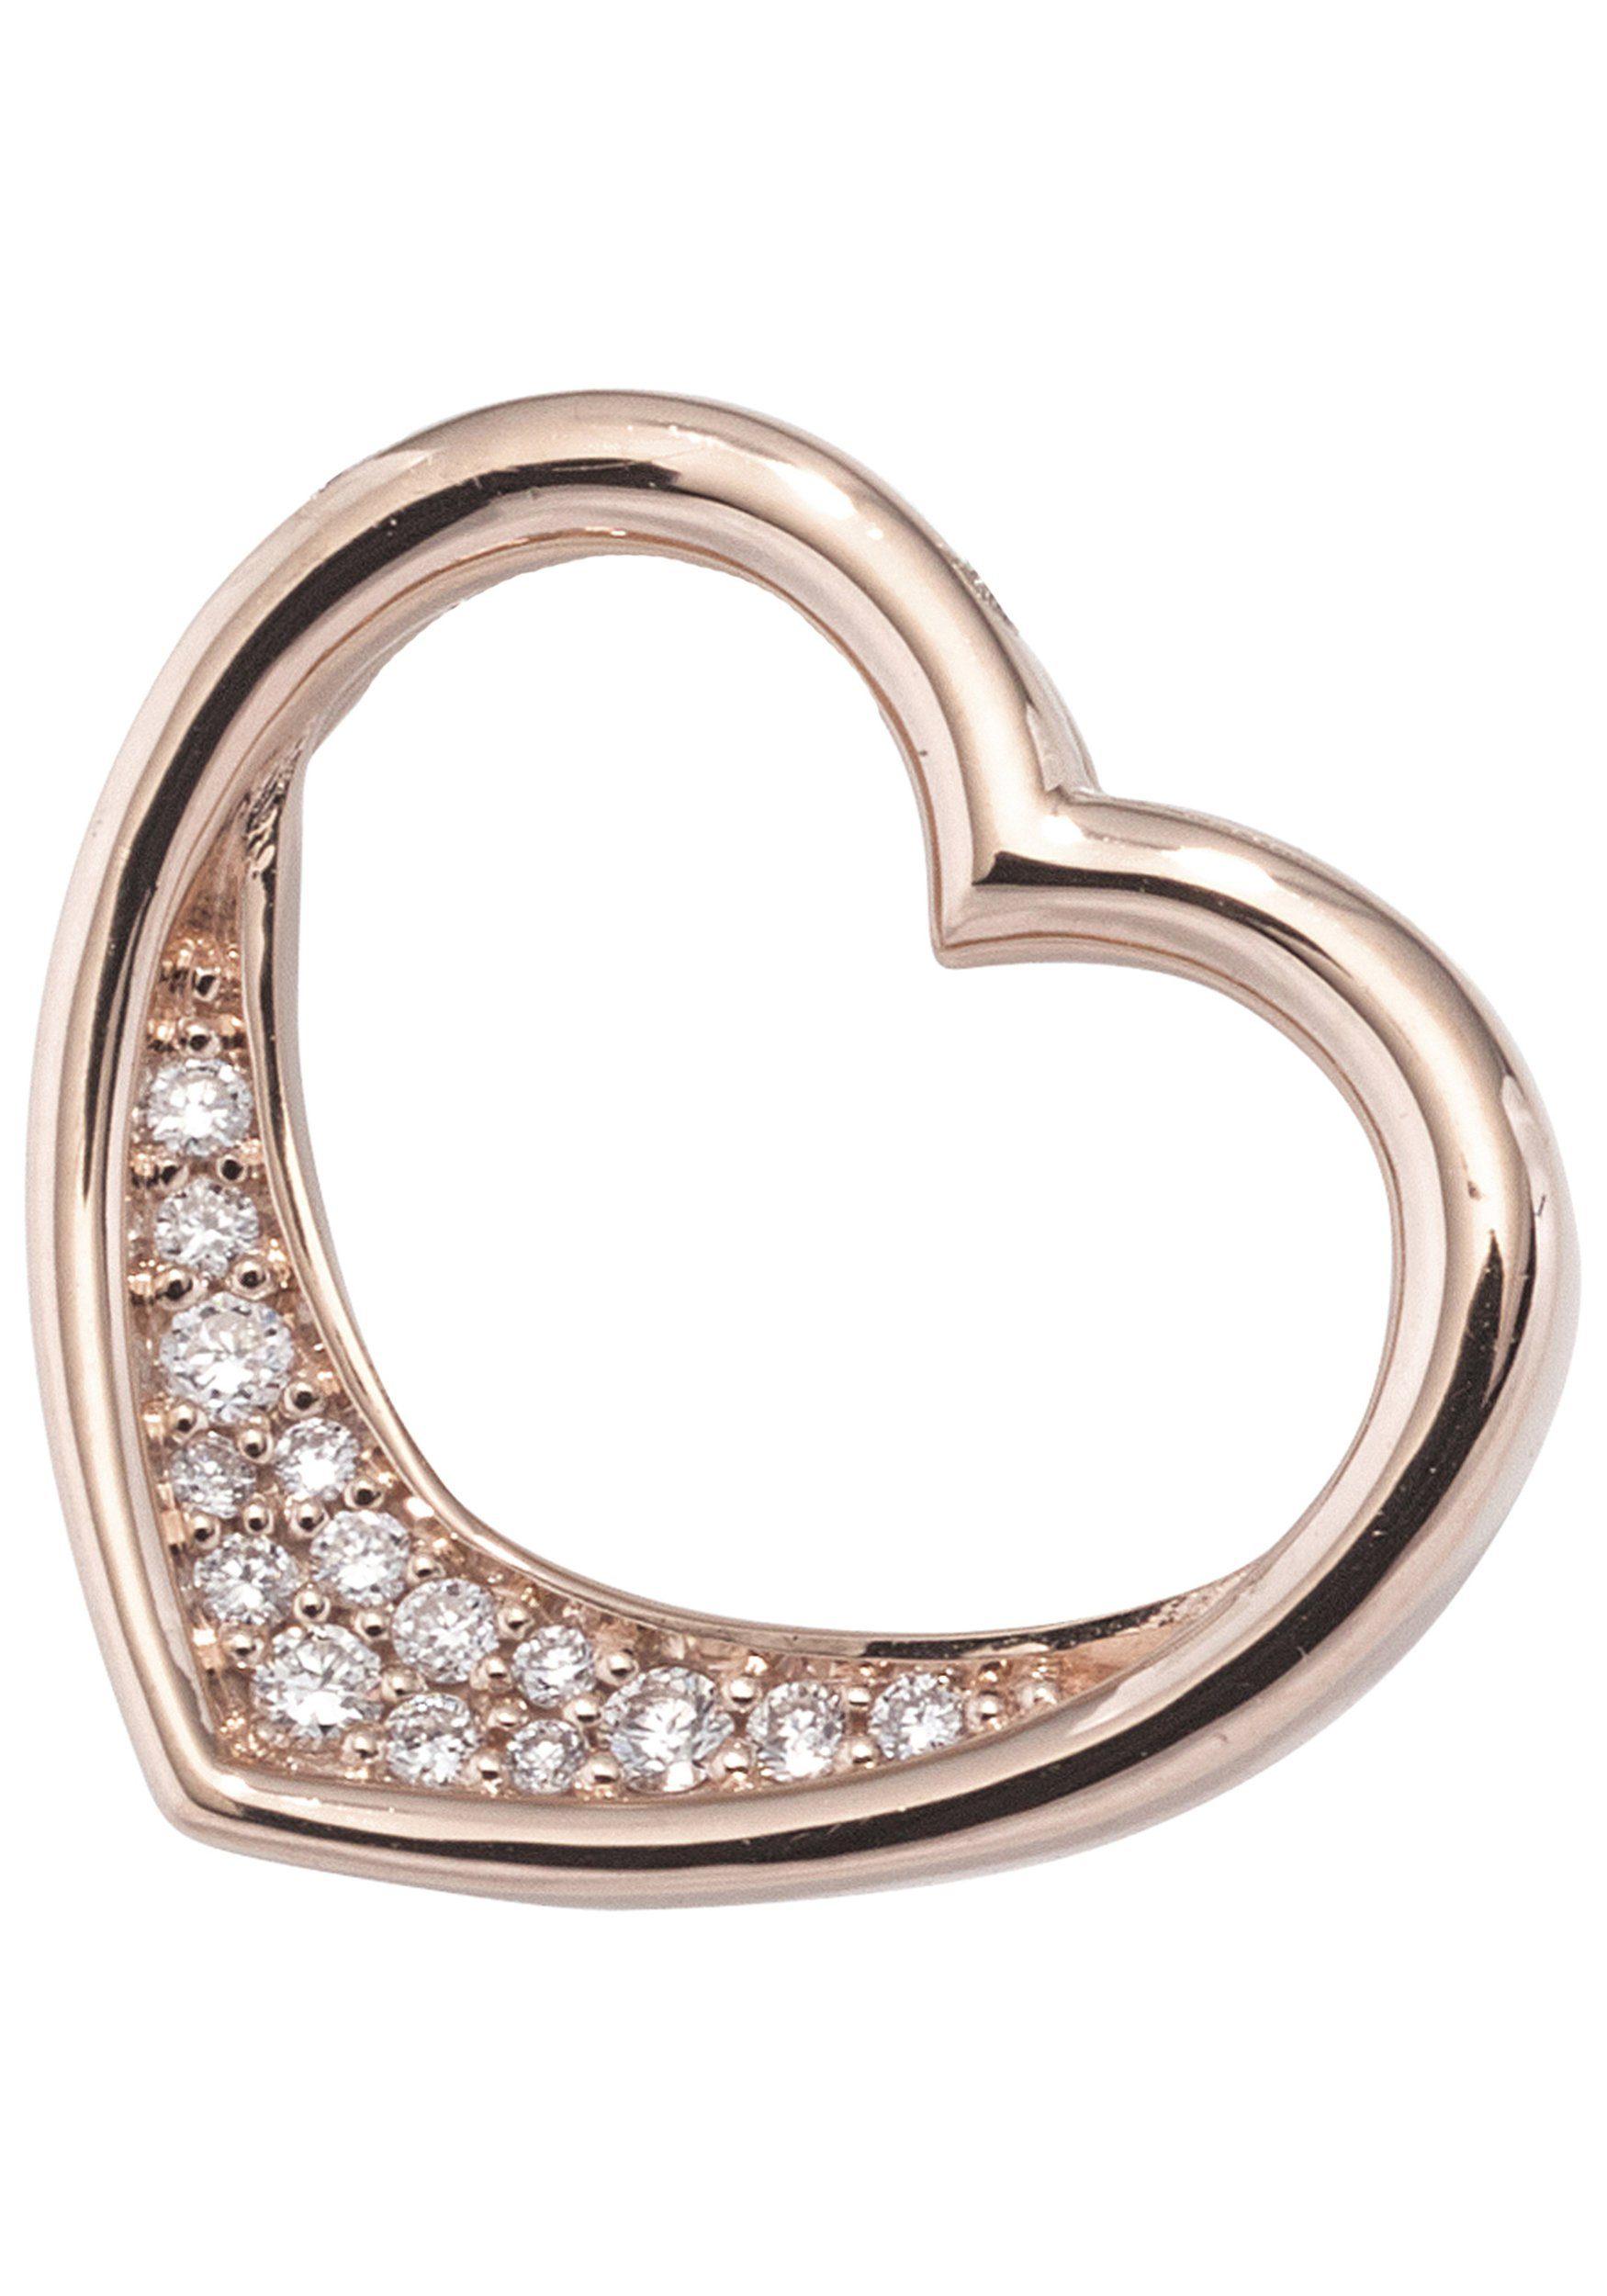 JOBO Herzanhänger »Herz« 585 Roségold mit 15 Diamanten